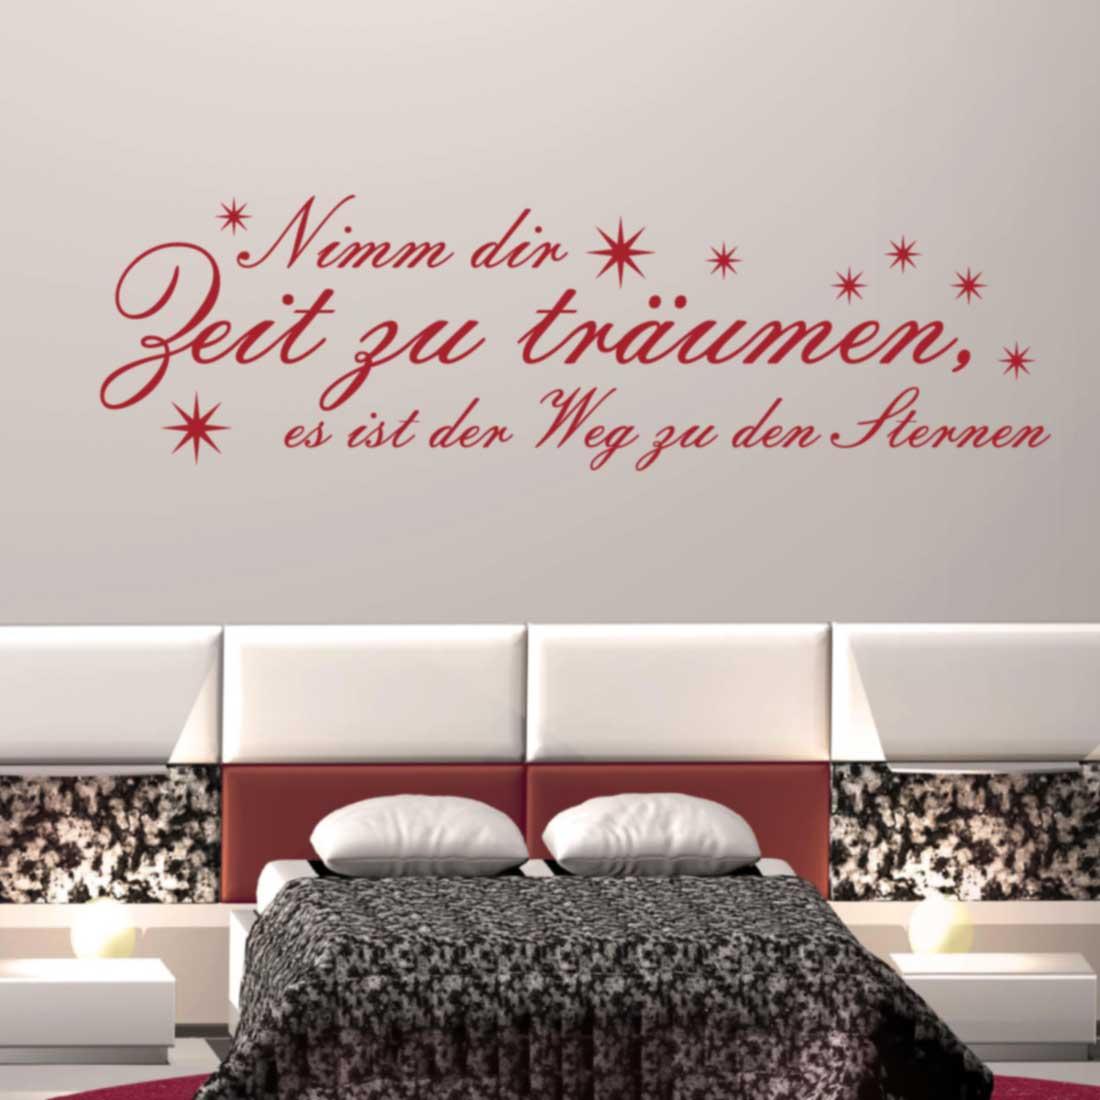 Full Size of Schlafzimmer Nimm Dir Zeit Zu Trumen Landhaus Landhausstil Weiß Kommode Loddenkemper Rauch Teppich Schranksysteme Komplett Günstig Deckenleuchte Deko Schlafzimmer Wandtattoos Schlafzimmer